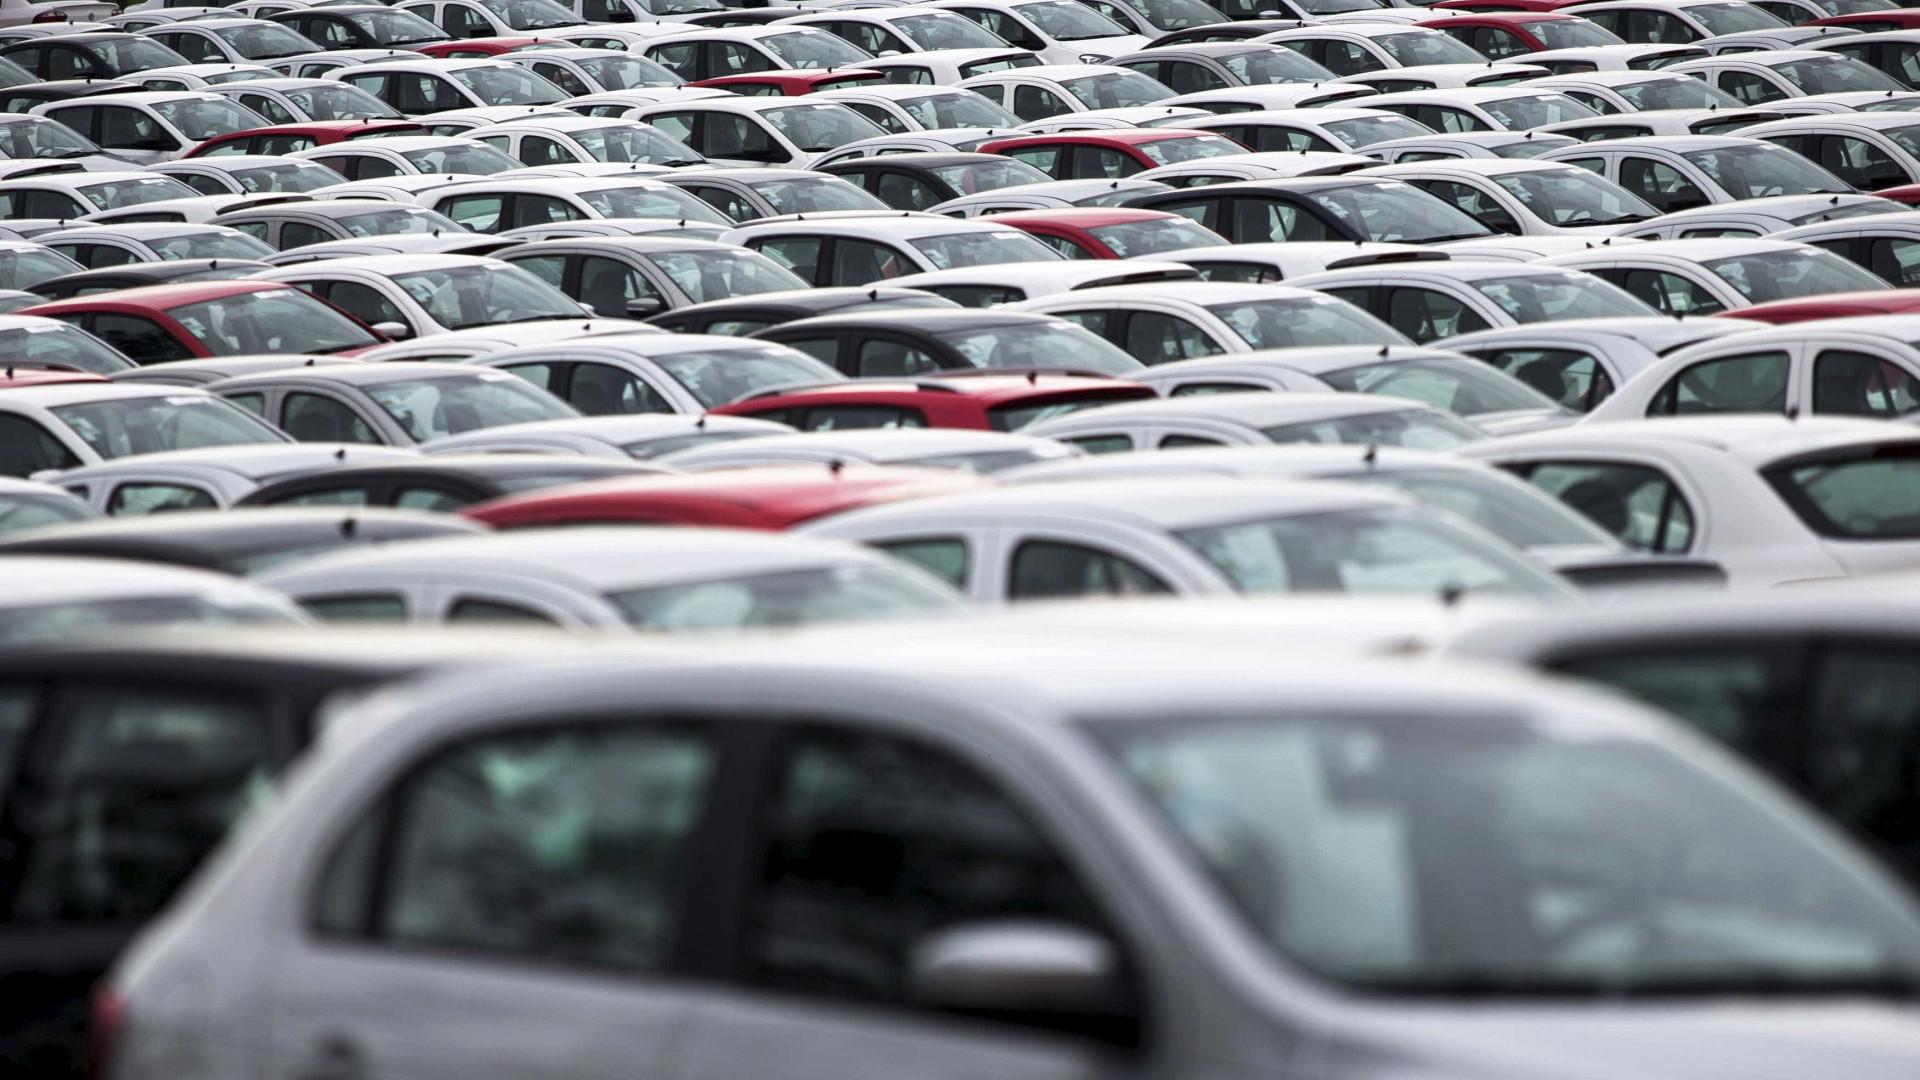 Venda de veículos em alta: é hora de comprar?